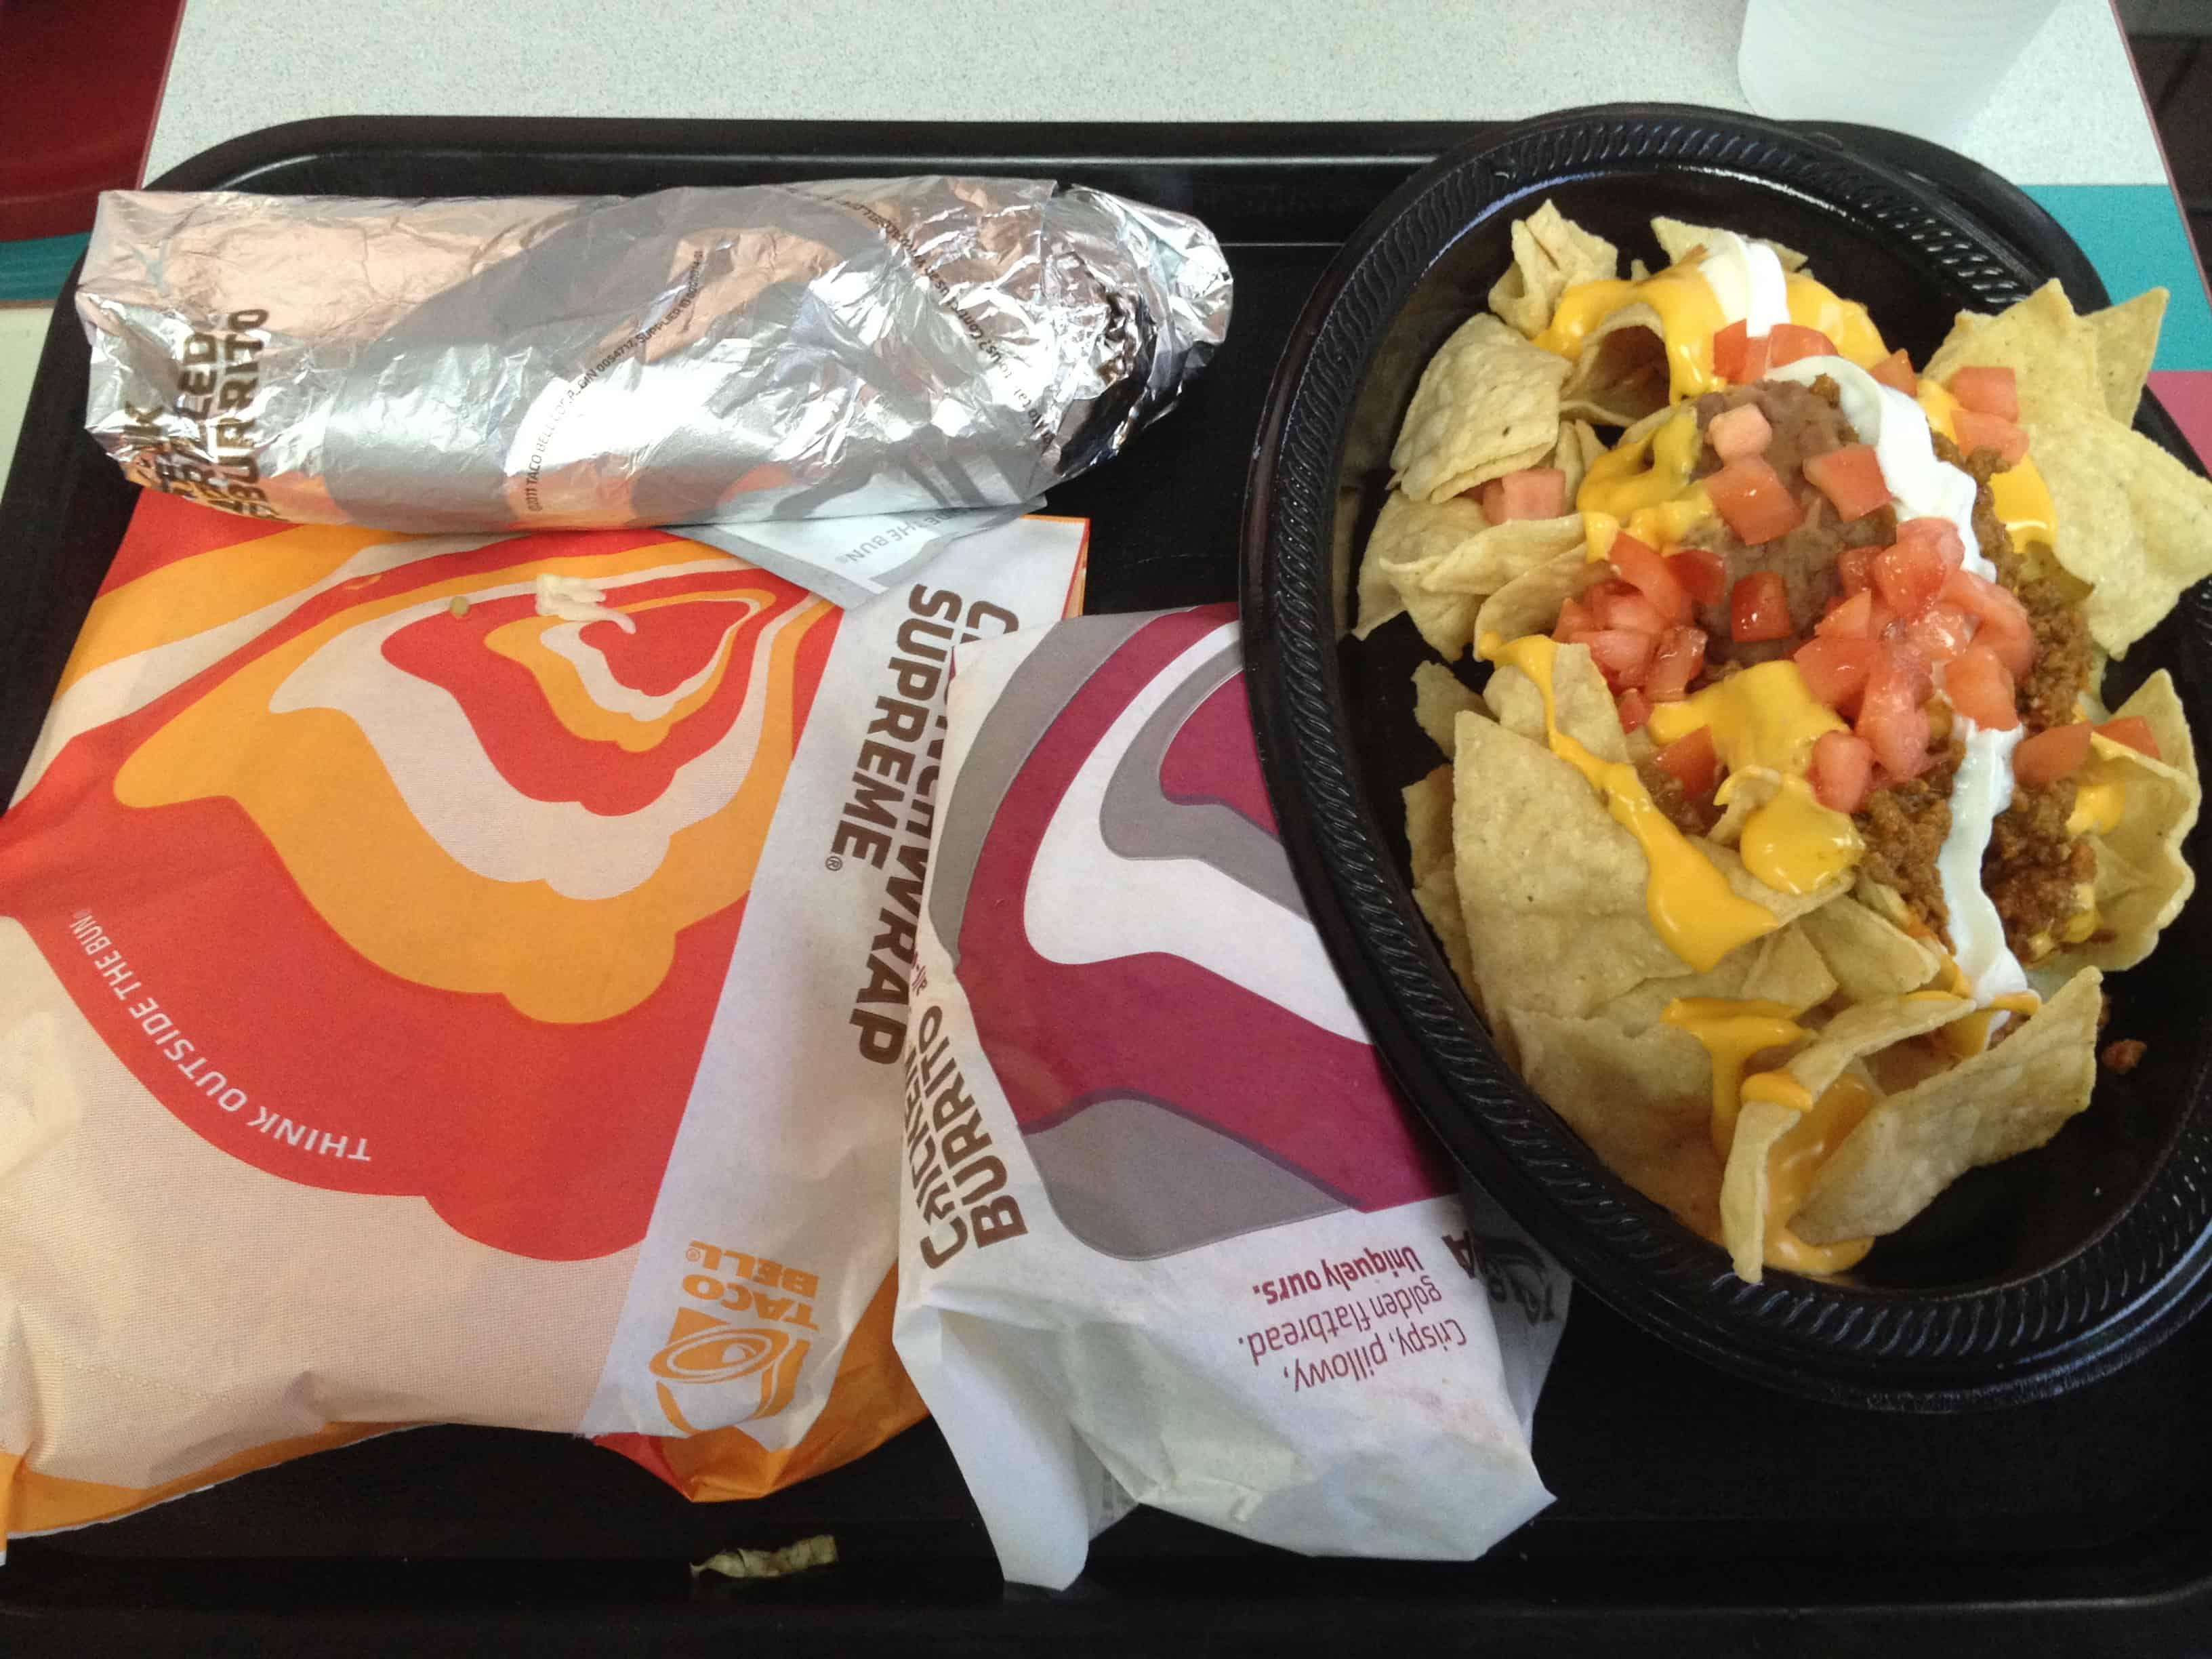 A great spread deliciousness